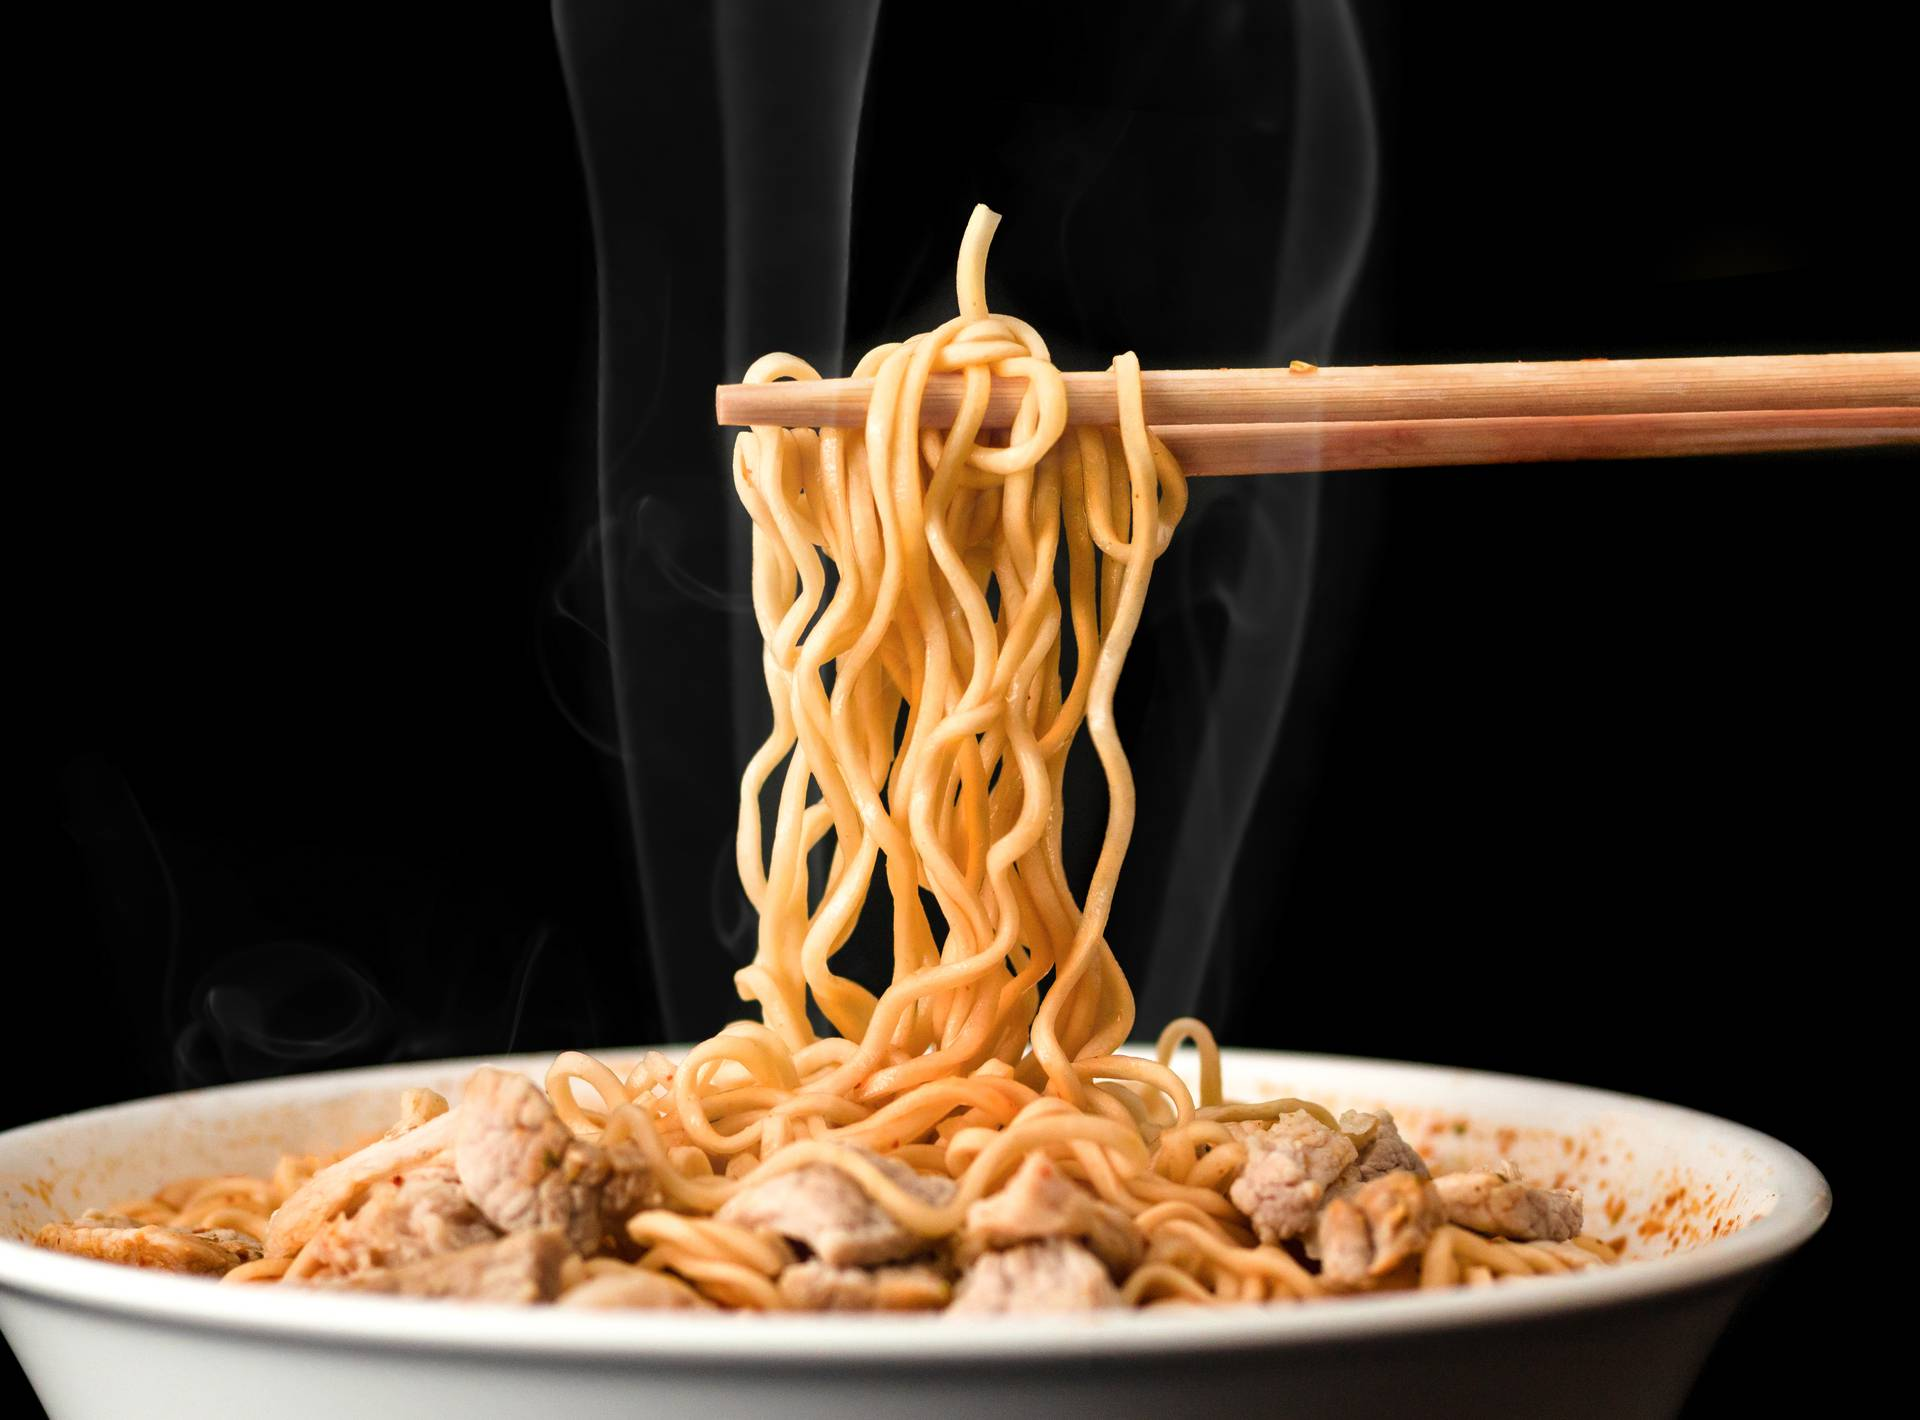 Obožavate tjesteninu? Uz ovaj trik drastično smanjite kalorije